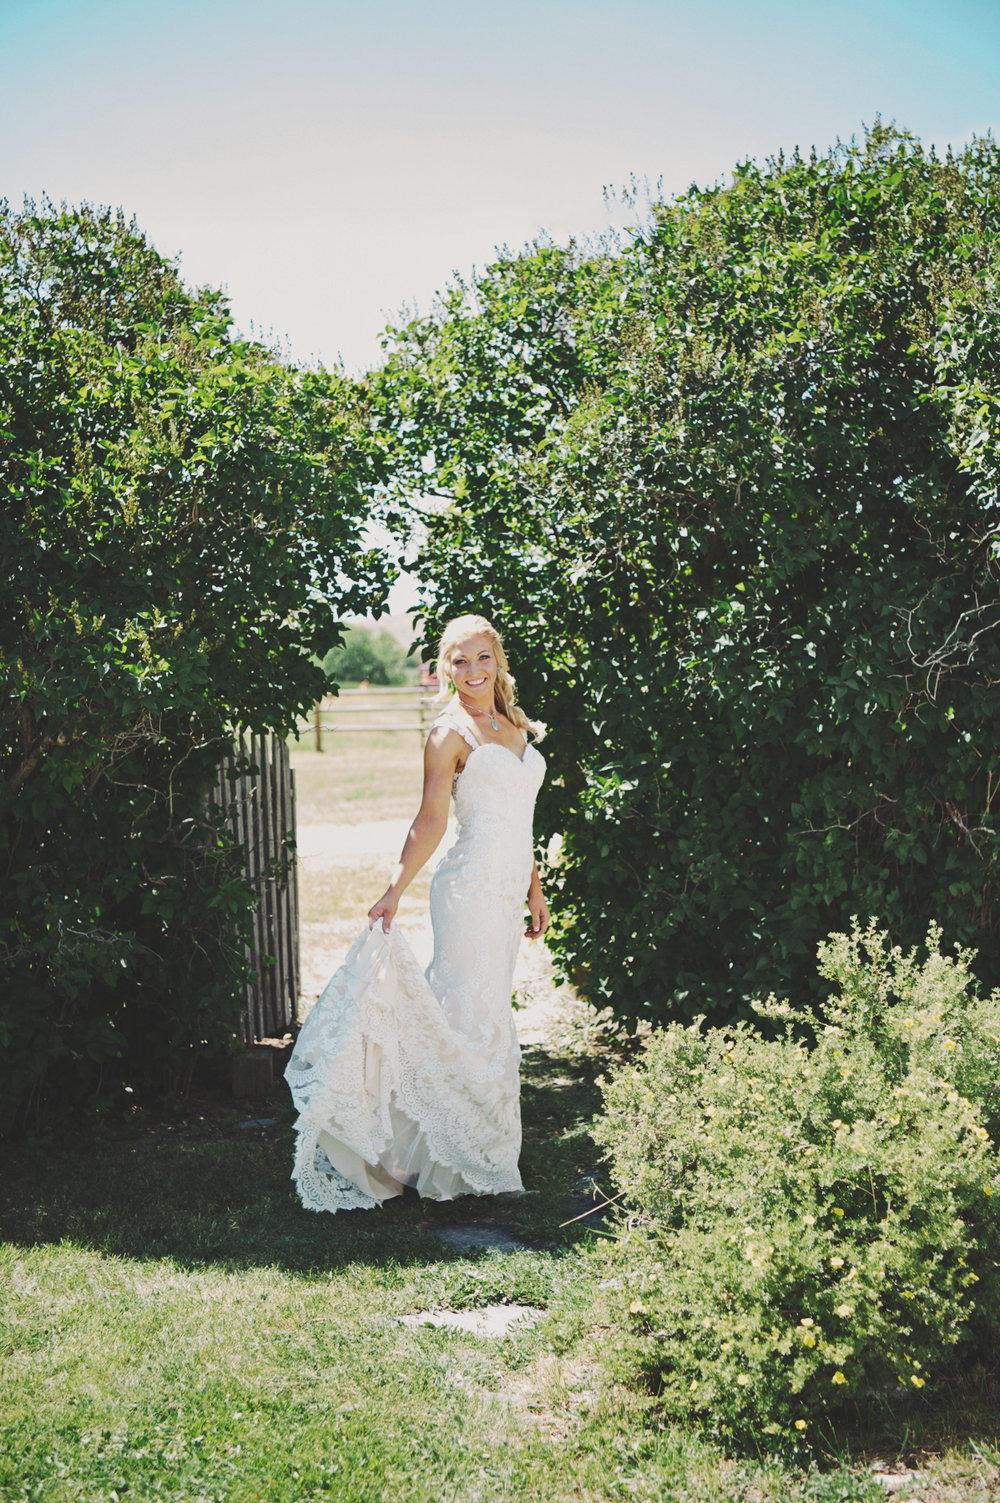 Erica Lind + Jeff Heim Wedding_Rustic Wedding_Montana Wedding_Kelsey Lane Photography-3686-2 copy.jpg